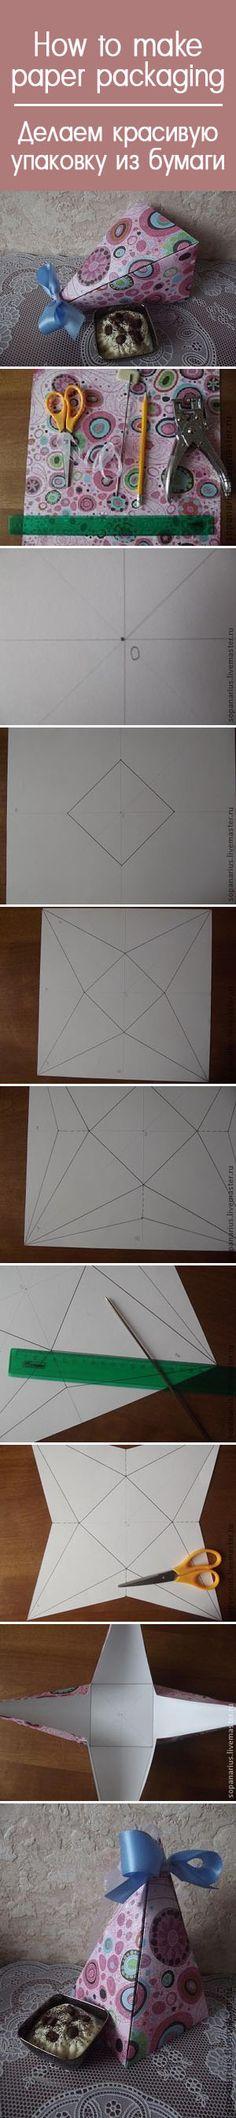 Делаем красивую упаковку из бумаги. Быстро и легко / How to make paper packaging…